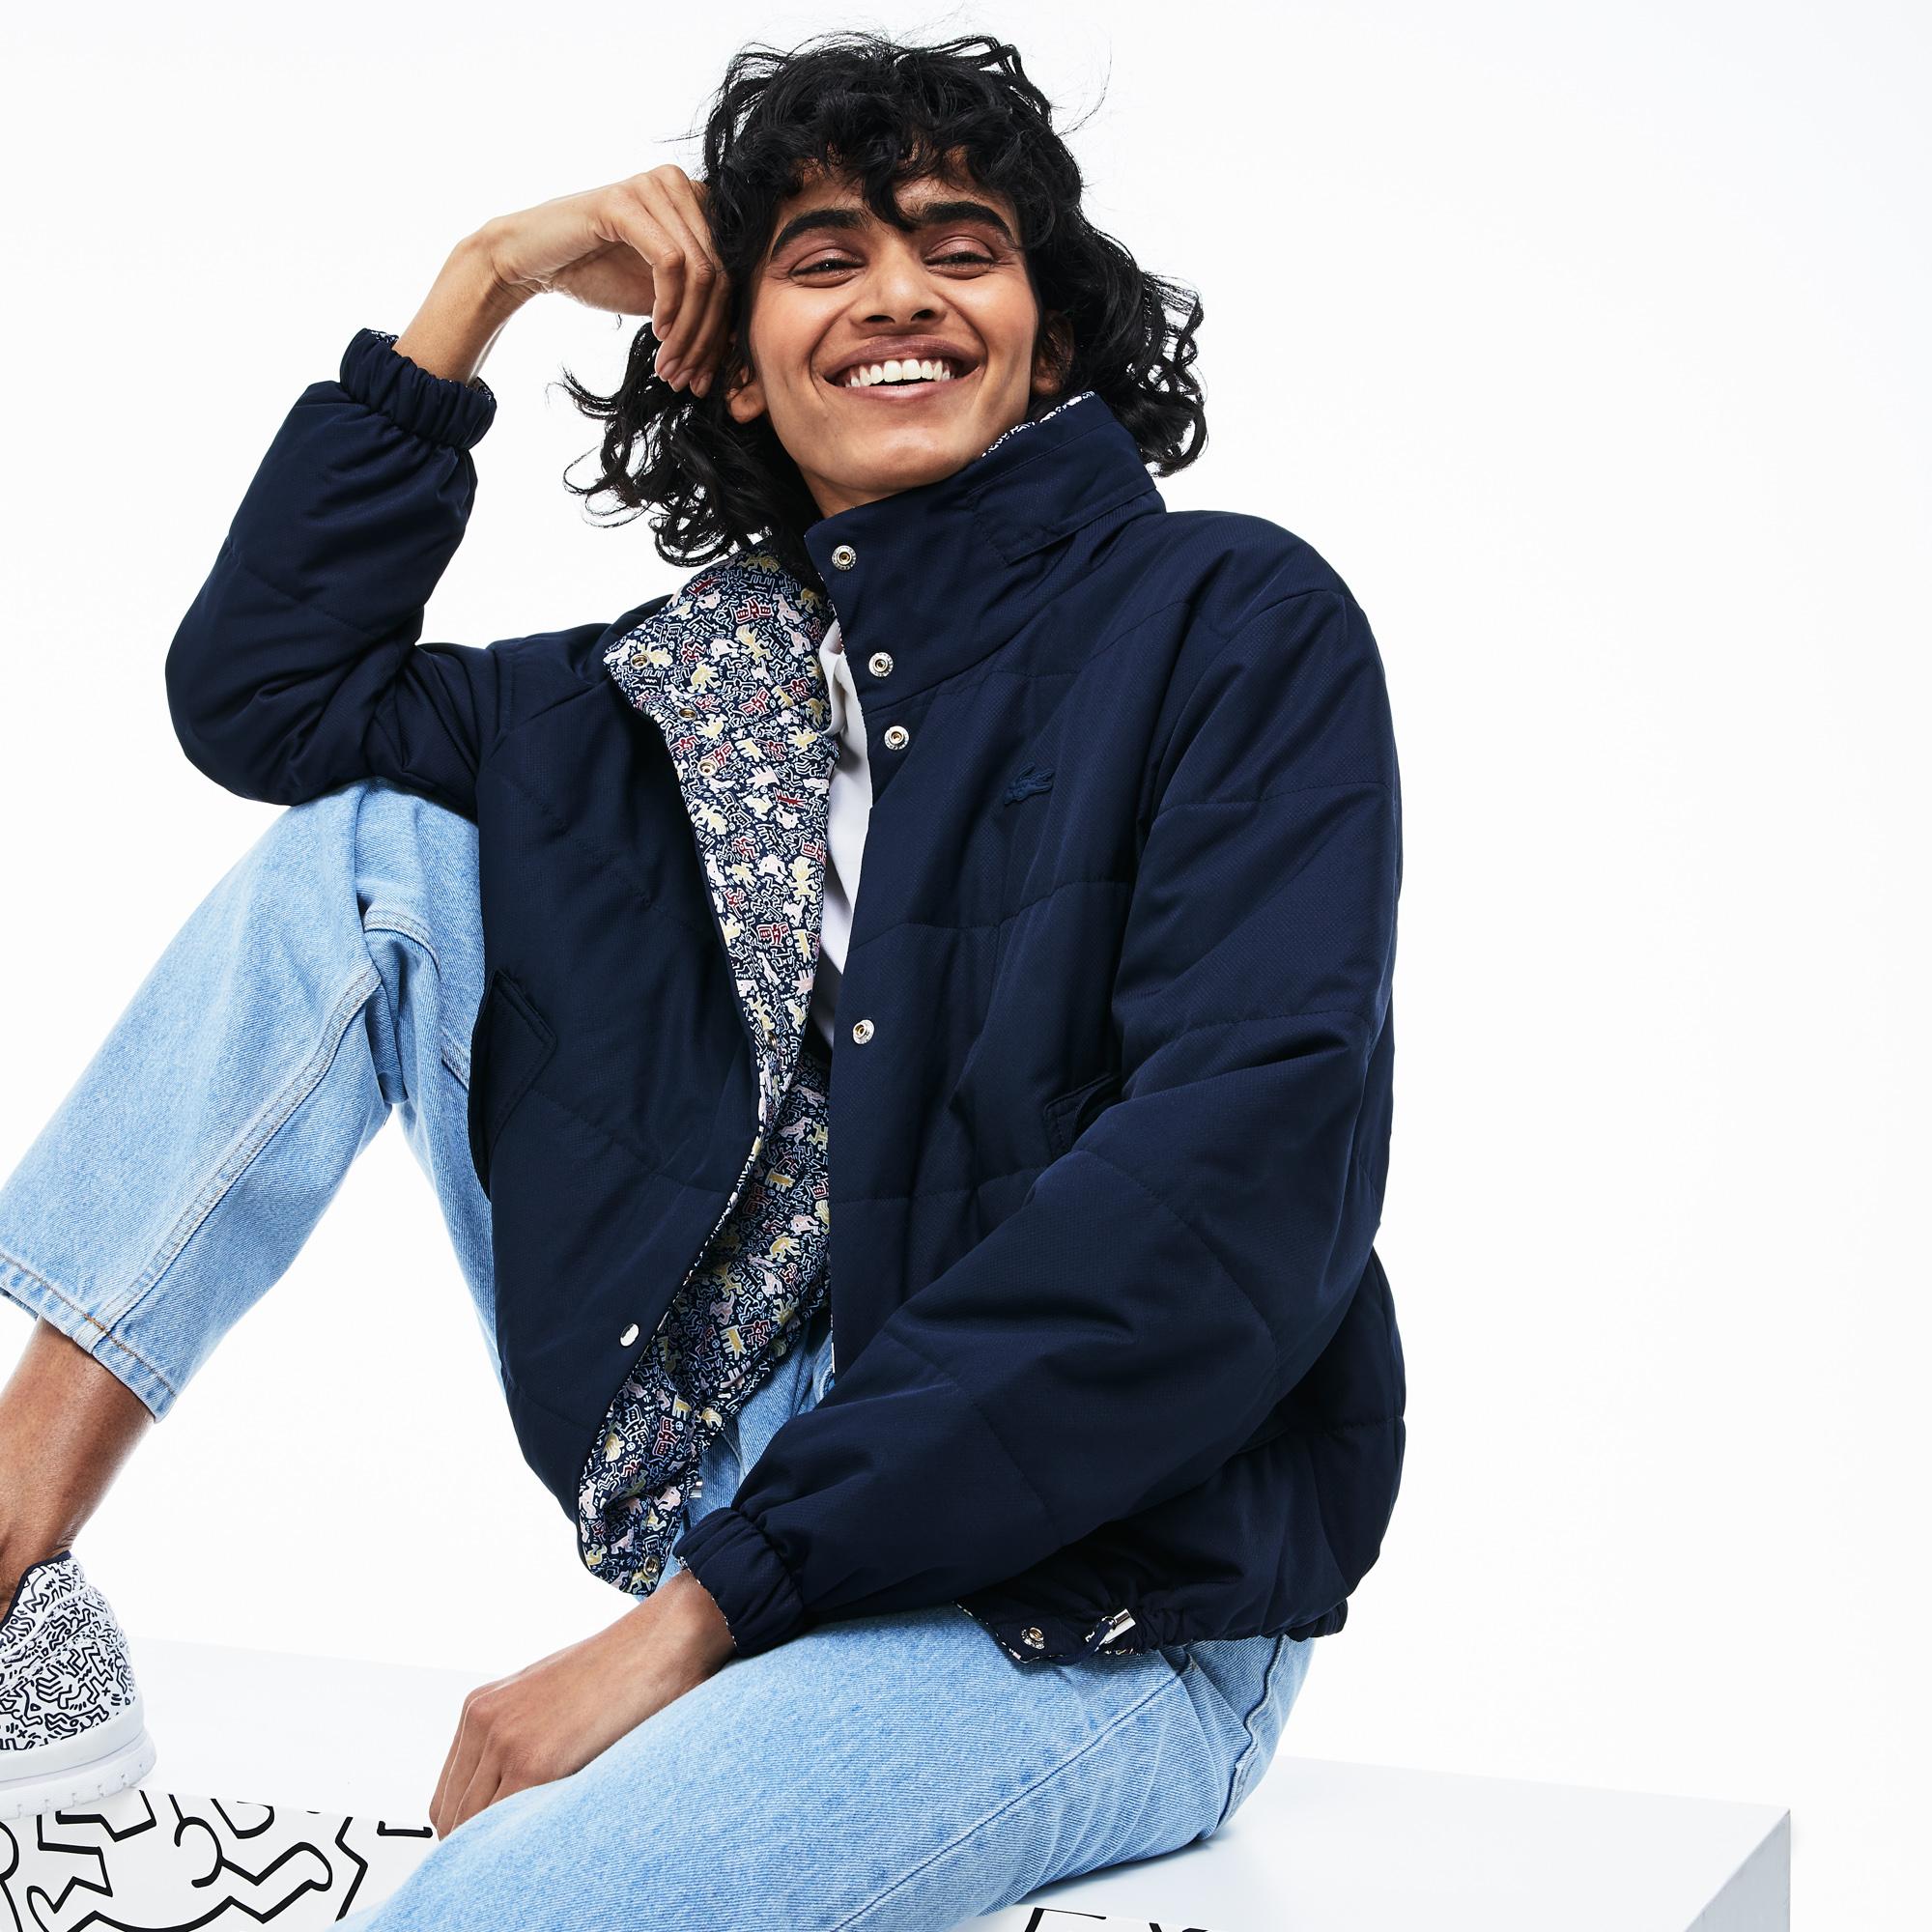 Куртка LacosteВерхняя одежда<br>Collab Keith Haring\Детали: двусторонняя;\Воротник-стойка с потайным капюшоном;\Карманы с клапанами;\Силиконовый логотип Lacoste\Материал: 100% полиэстер